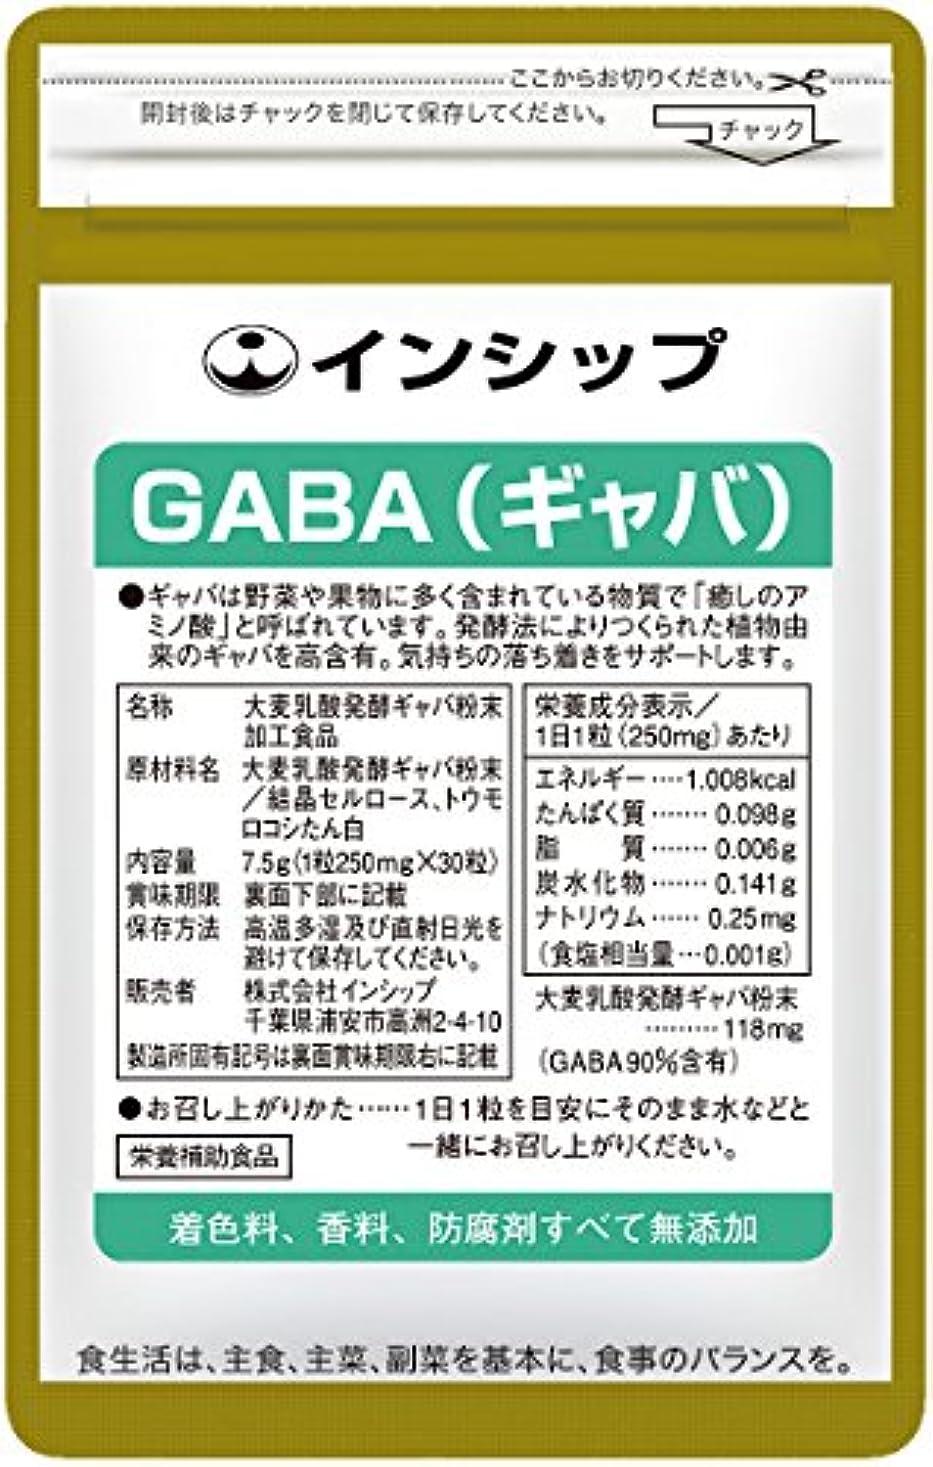 インシップ GABA(ギャバ) 250mg×30粒 1ヶ月分